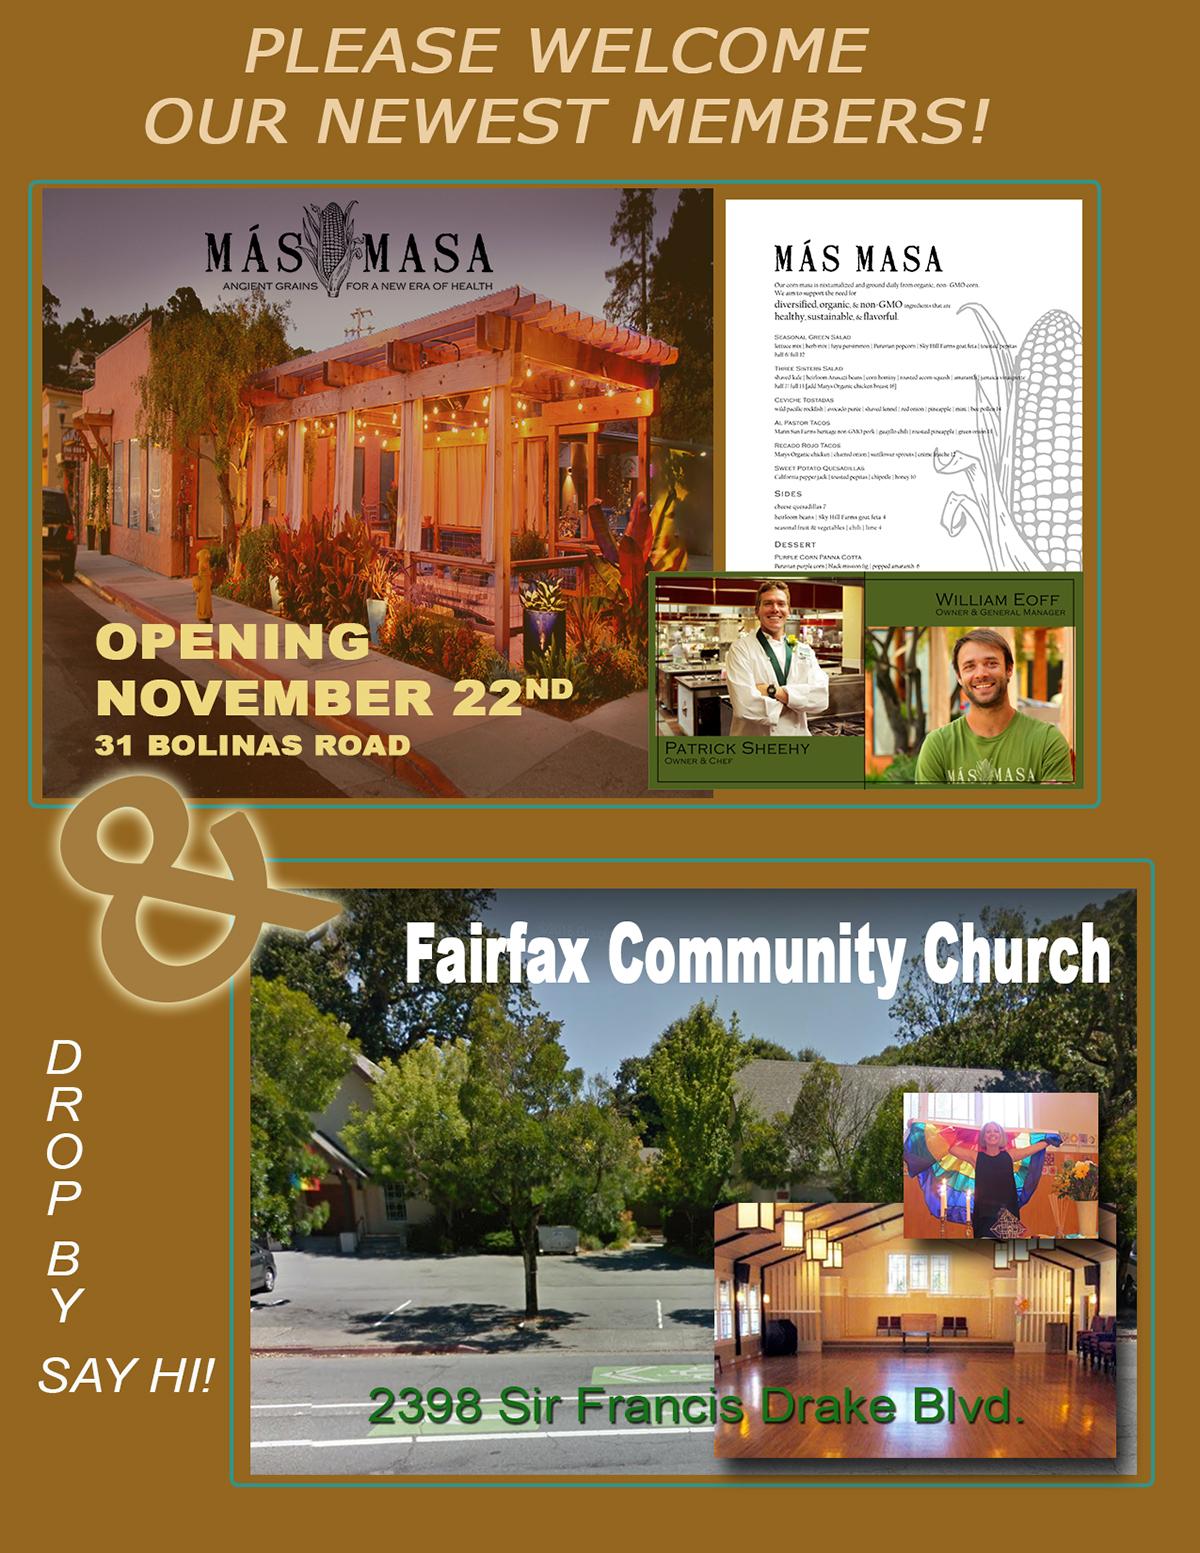 masmasa-com-church-promo